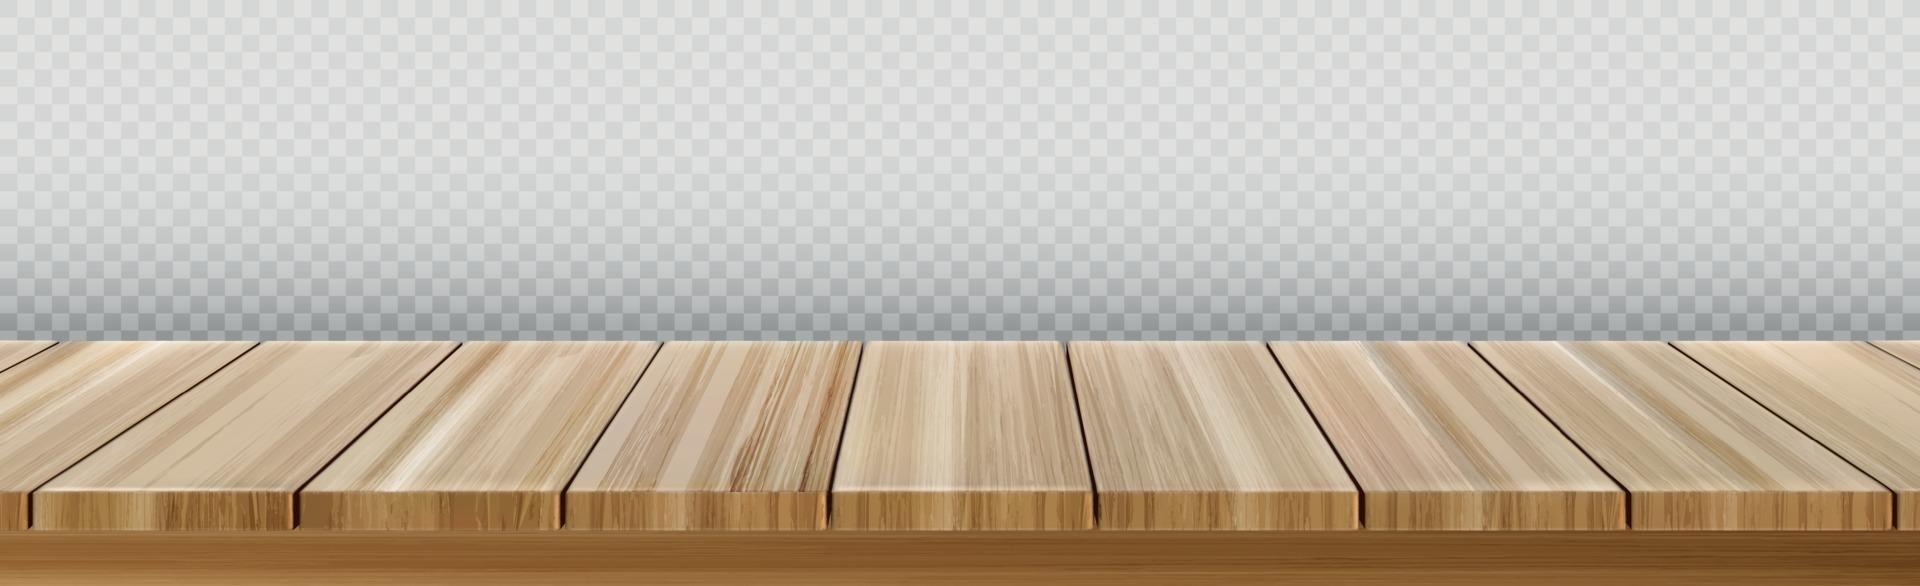 groot tafelblad, houten textuur van planken vector